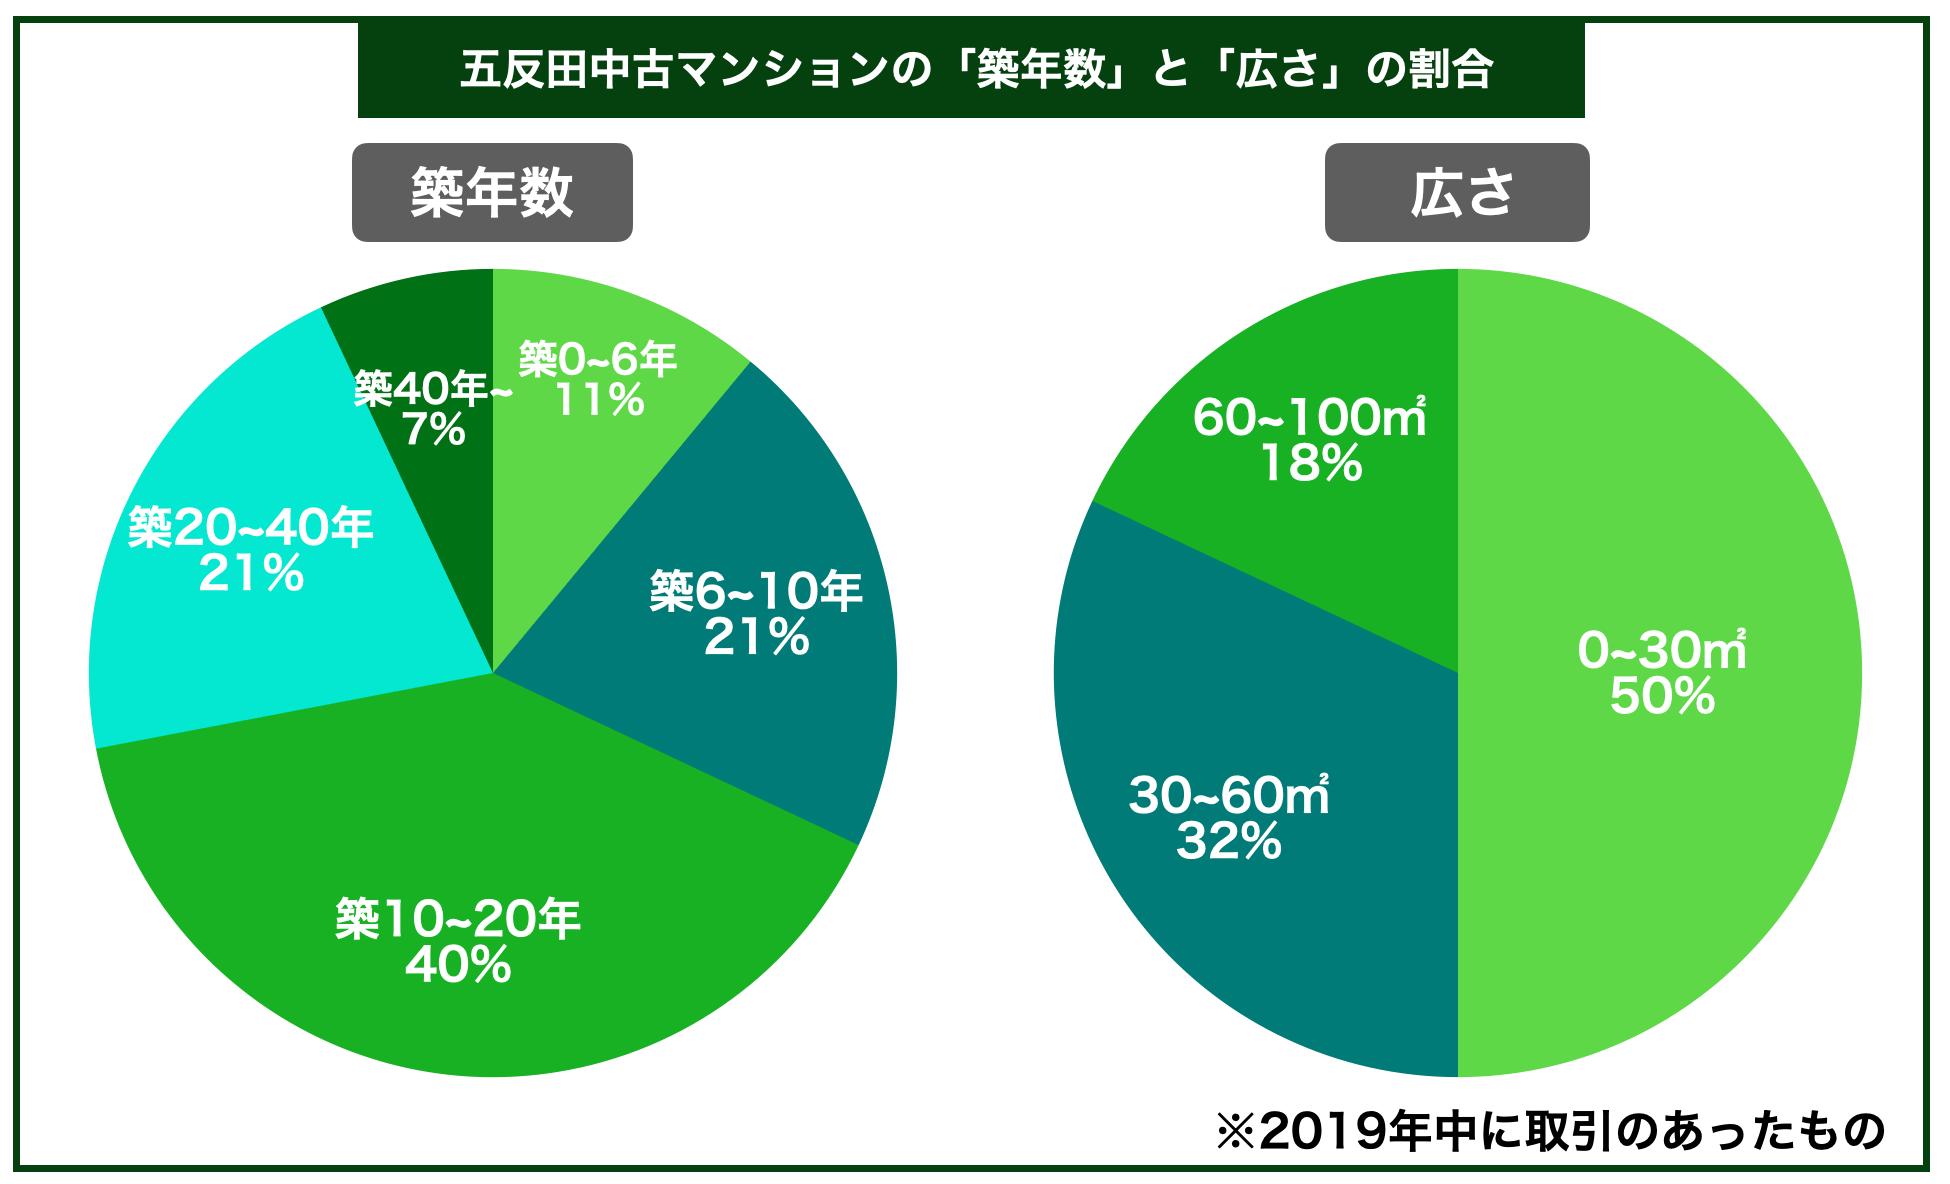 五反田中古マンション築年数広さ割合